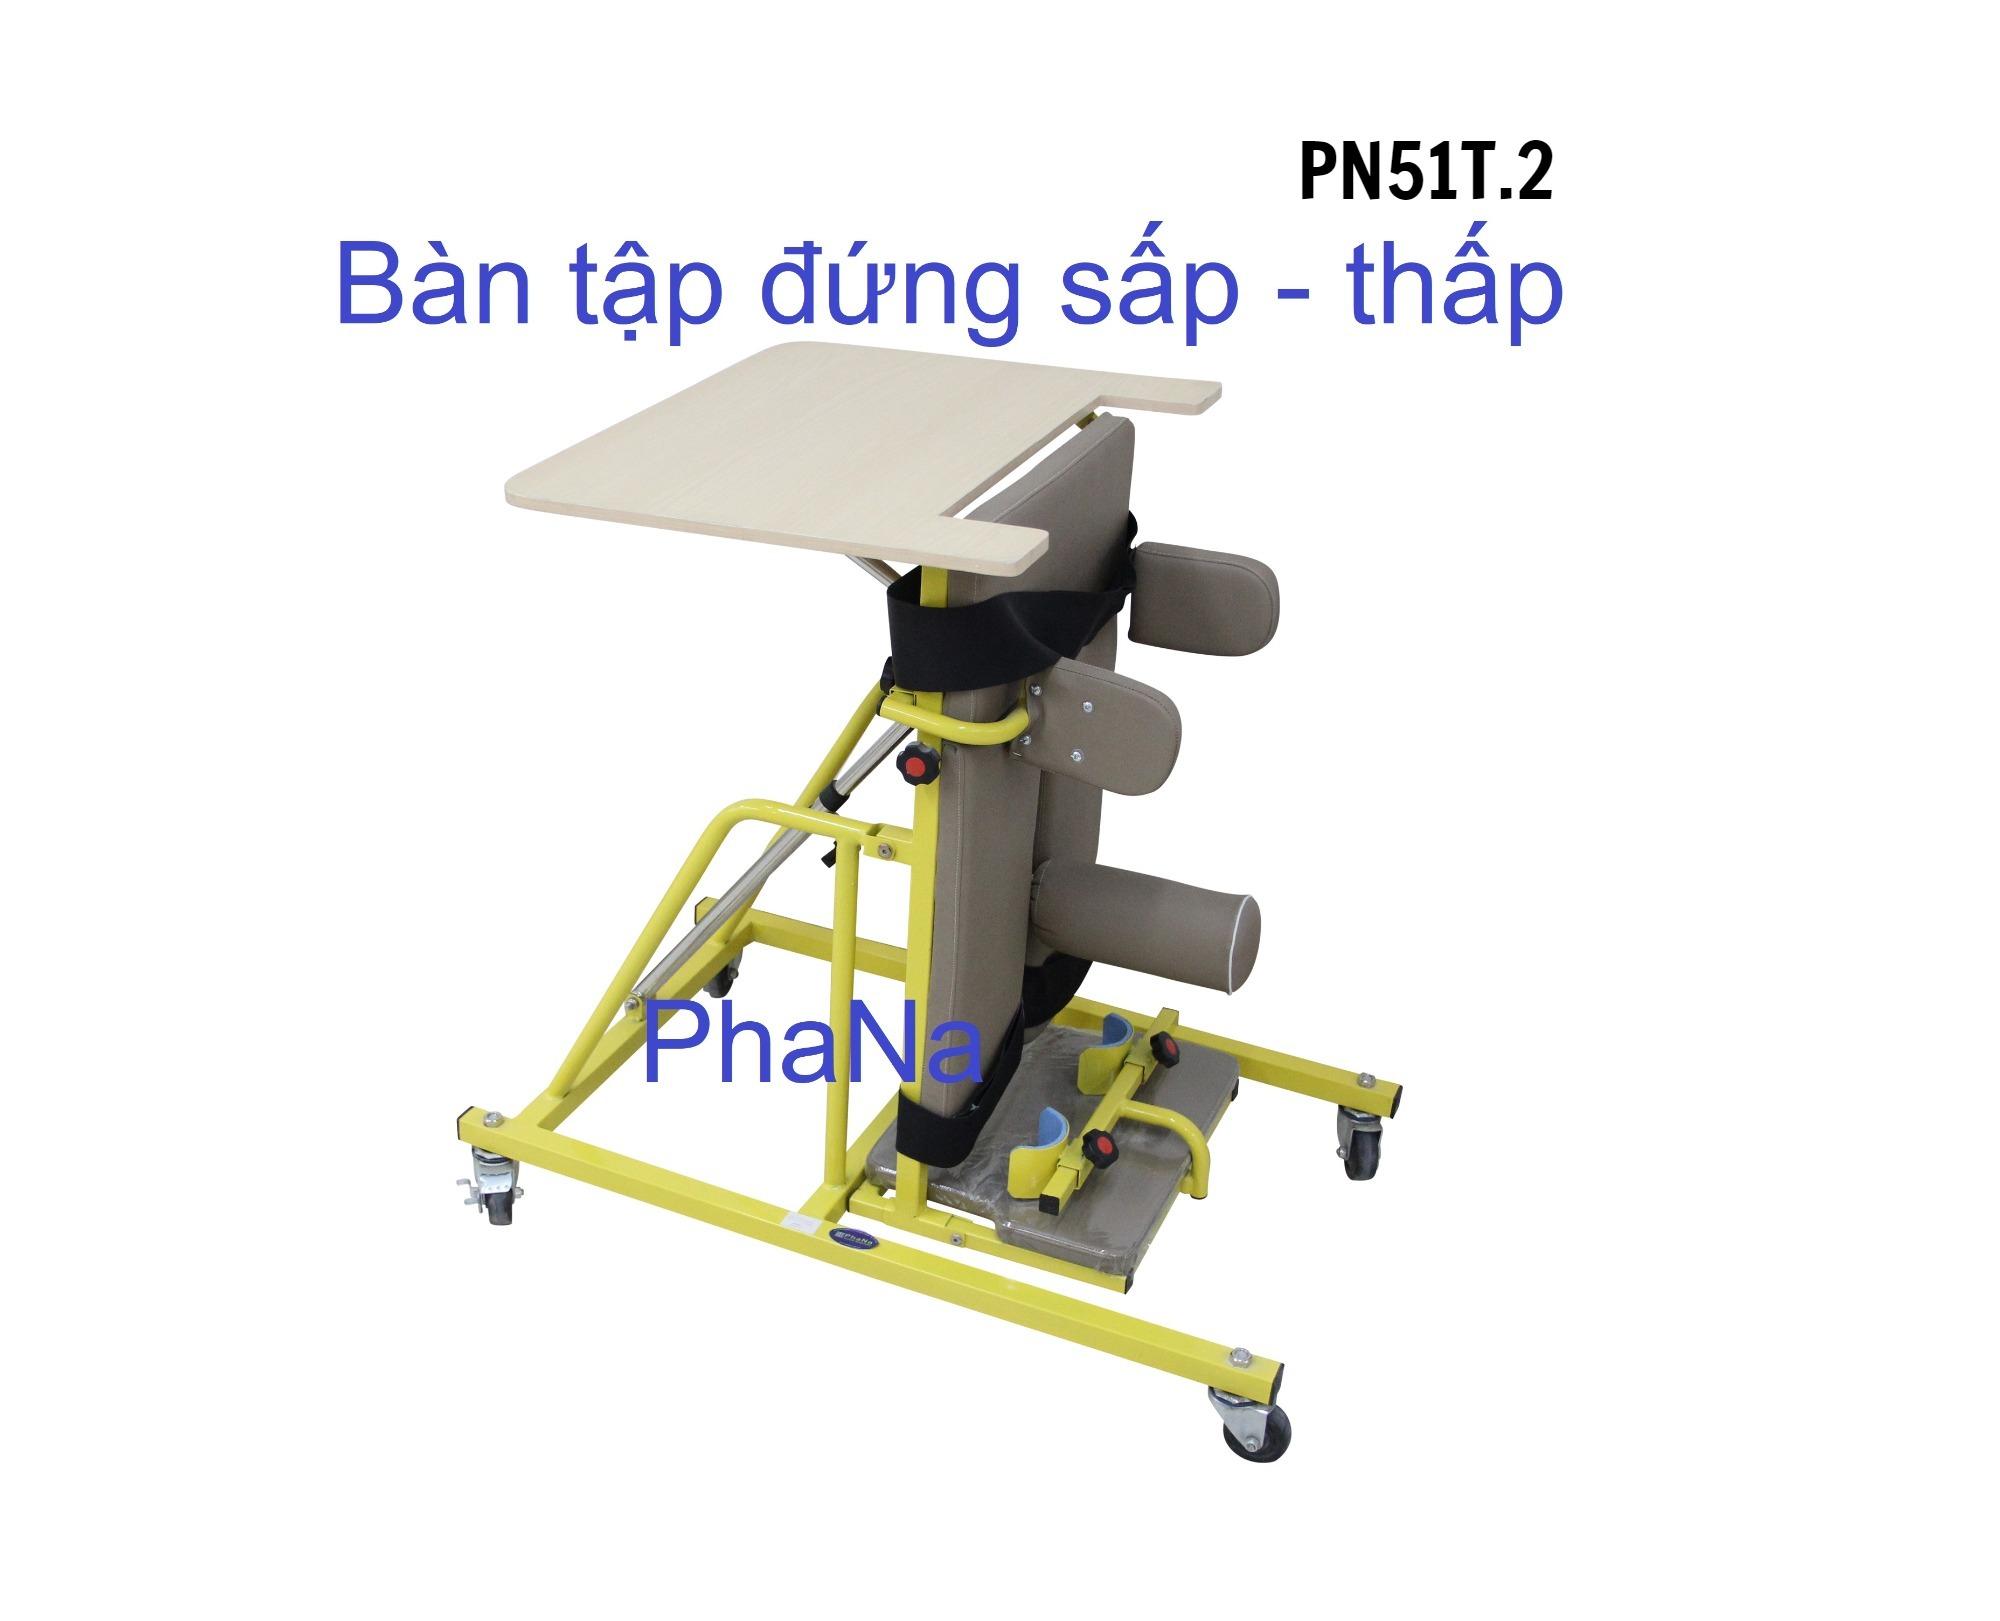 PN51T.2 Khung tập đứng sấp trẻ khuyết tật thấp có ụ ngồi